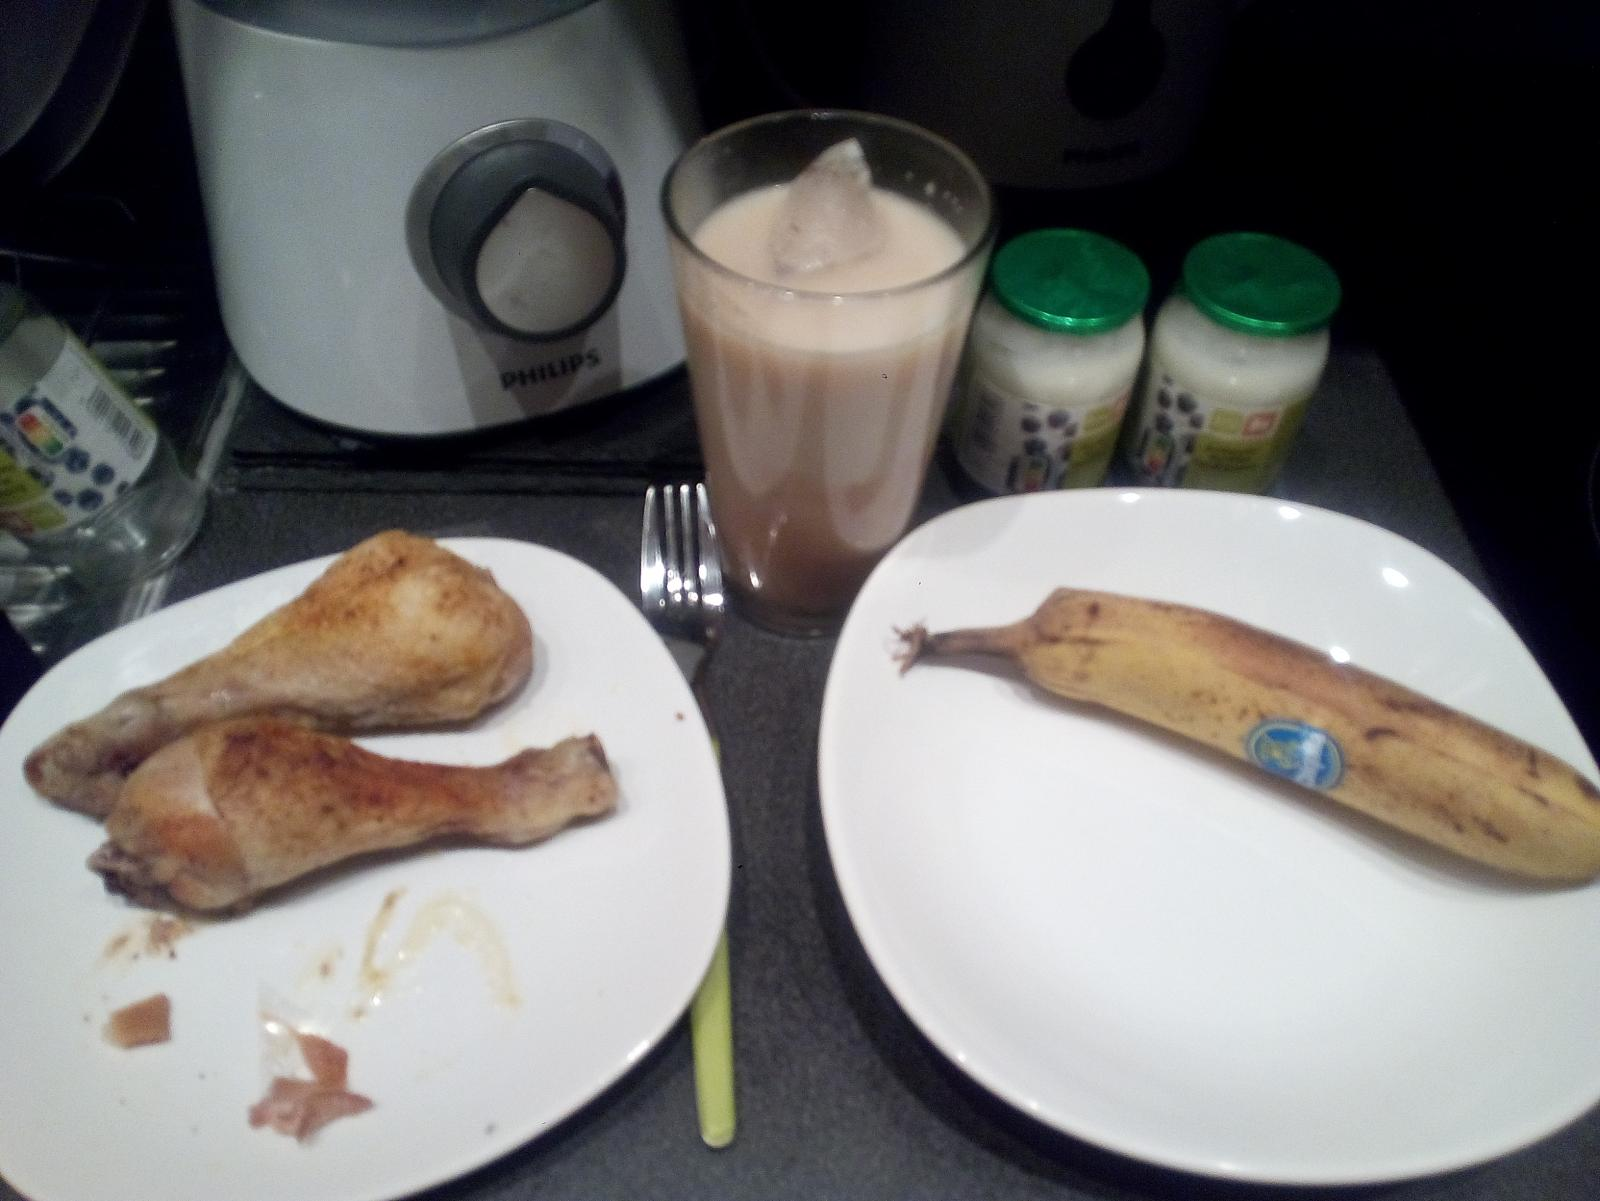 Weird_Breakfast.jpg